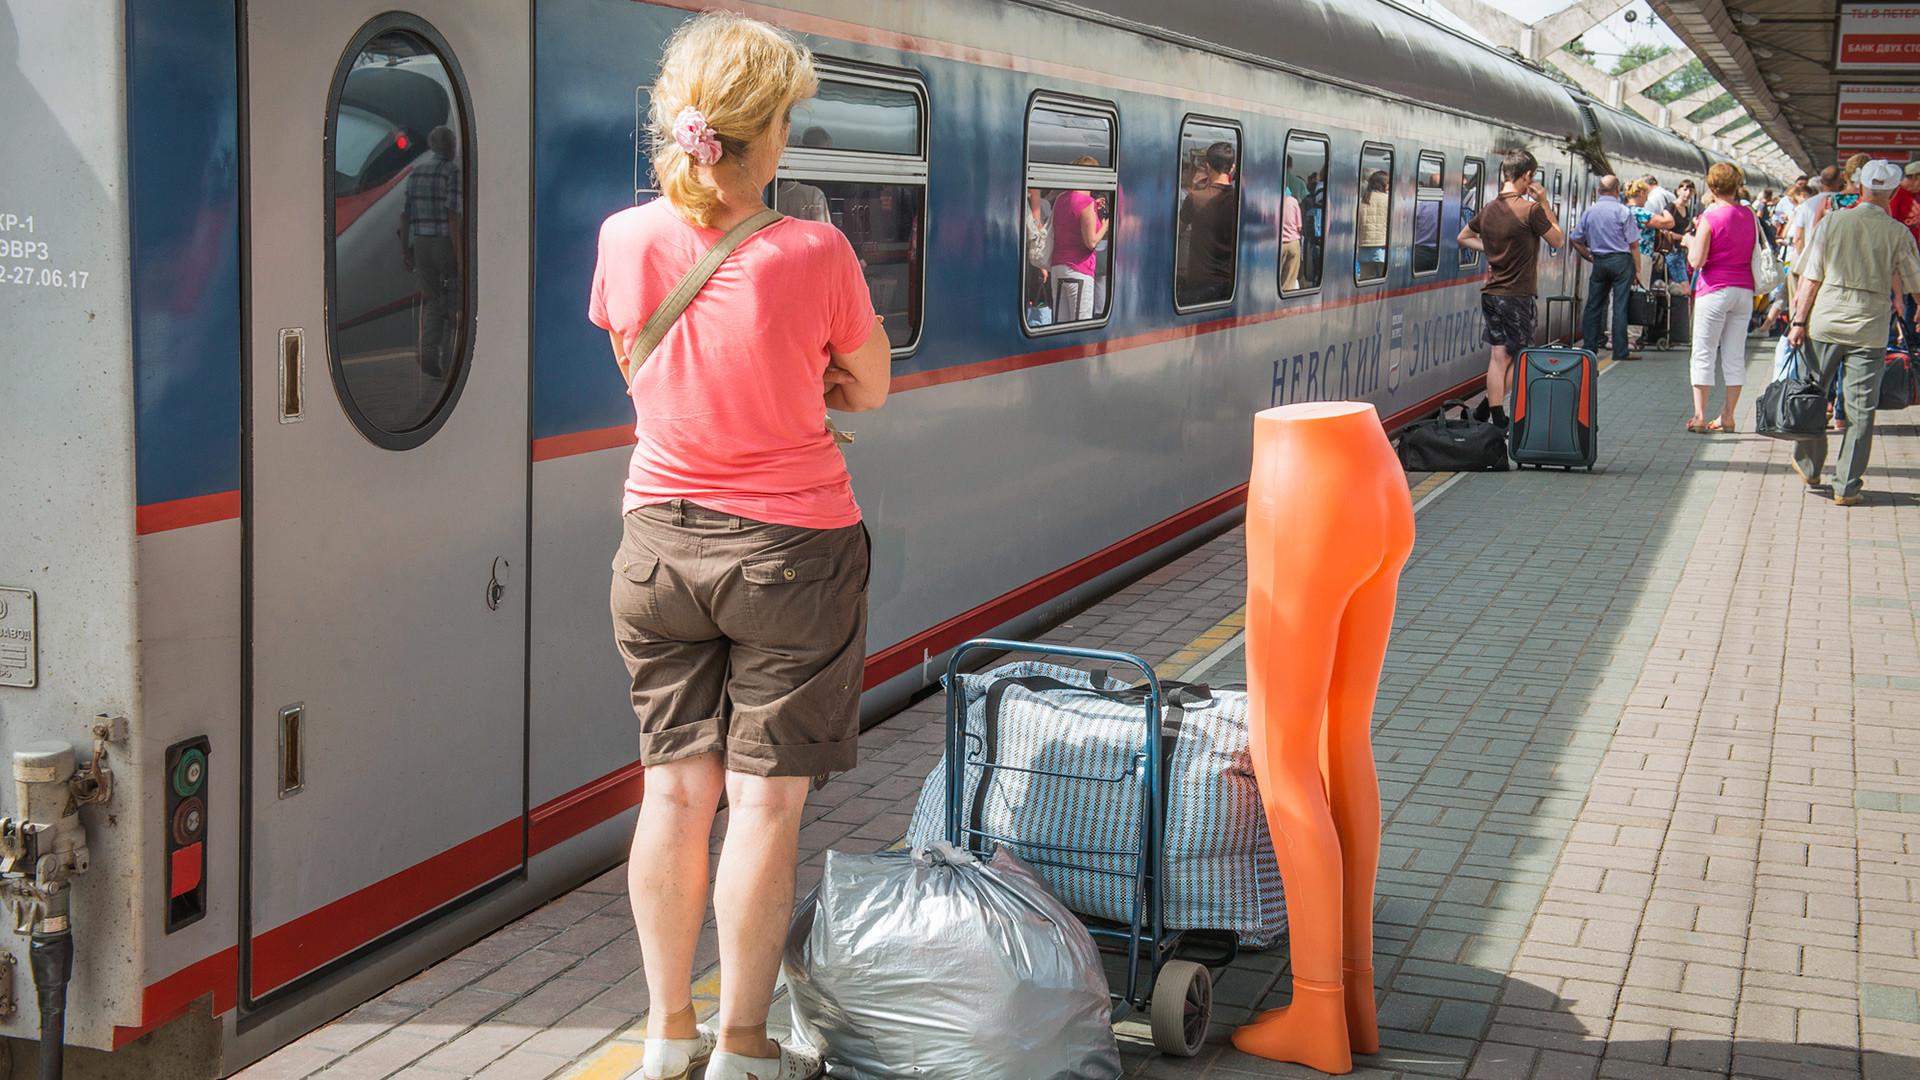 Žena s prtljagom na peronu željezničke stanice u Moskvi, Rusija.